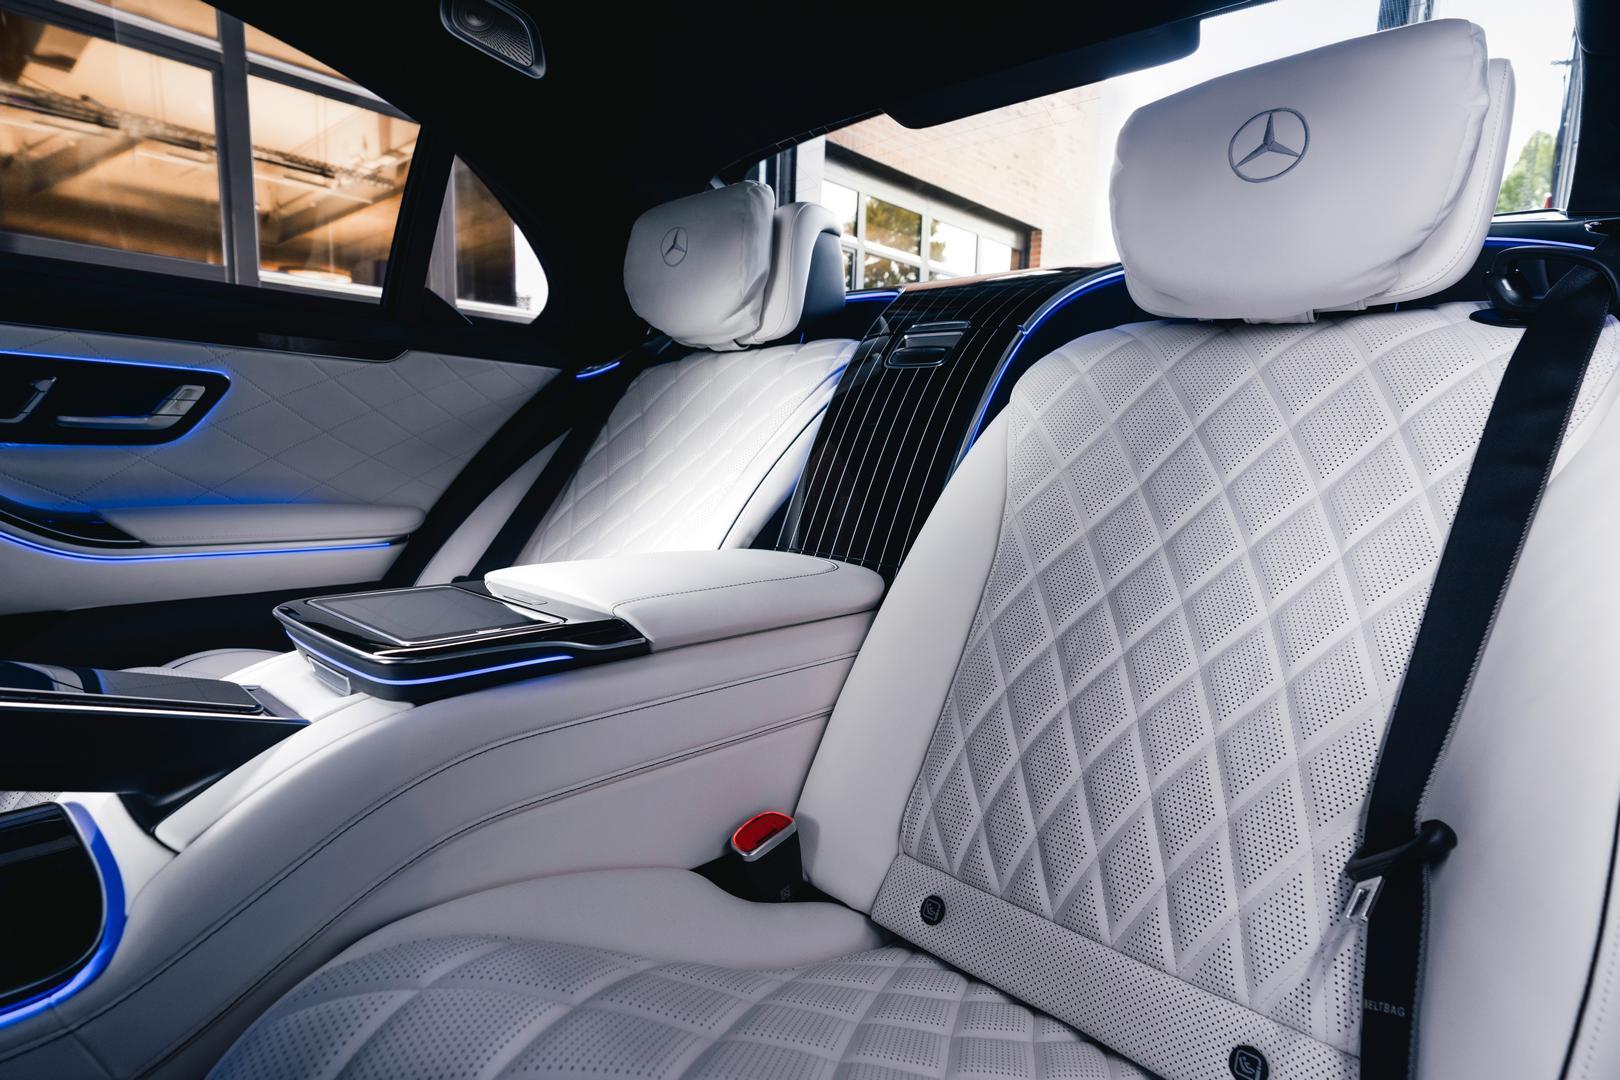 Mercedes S580 white interior